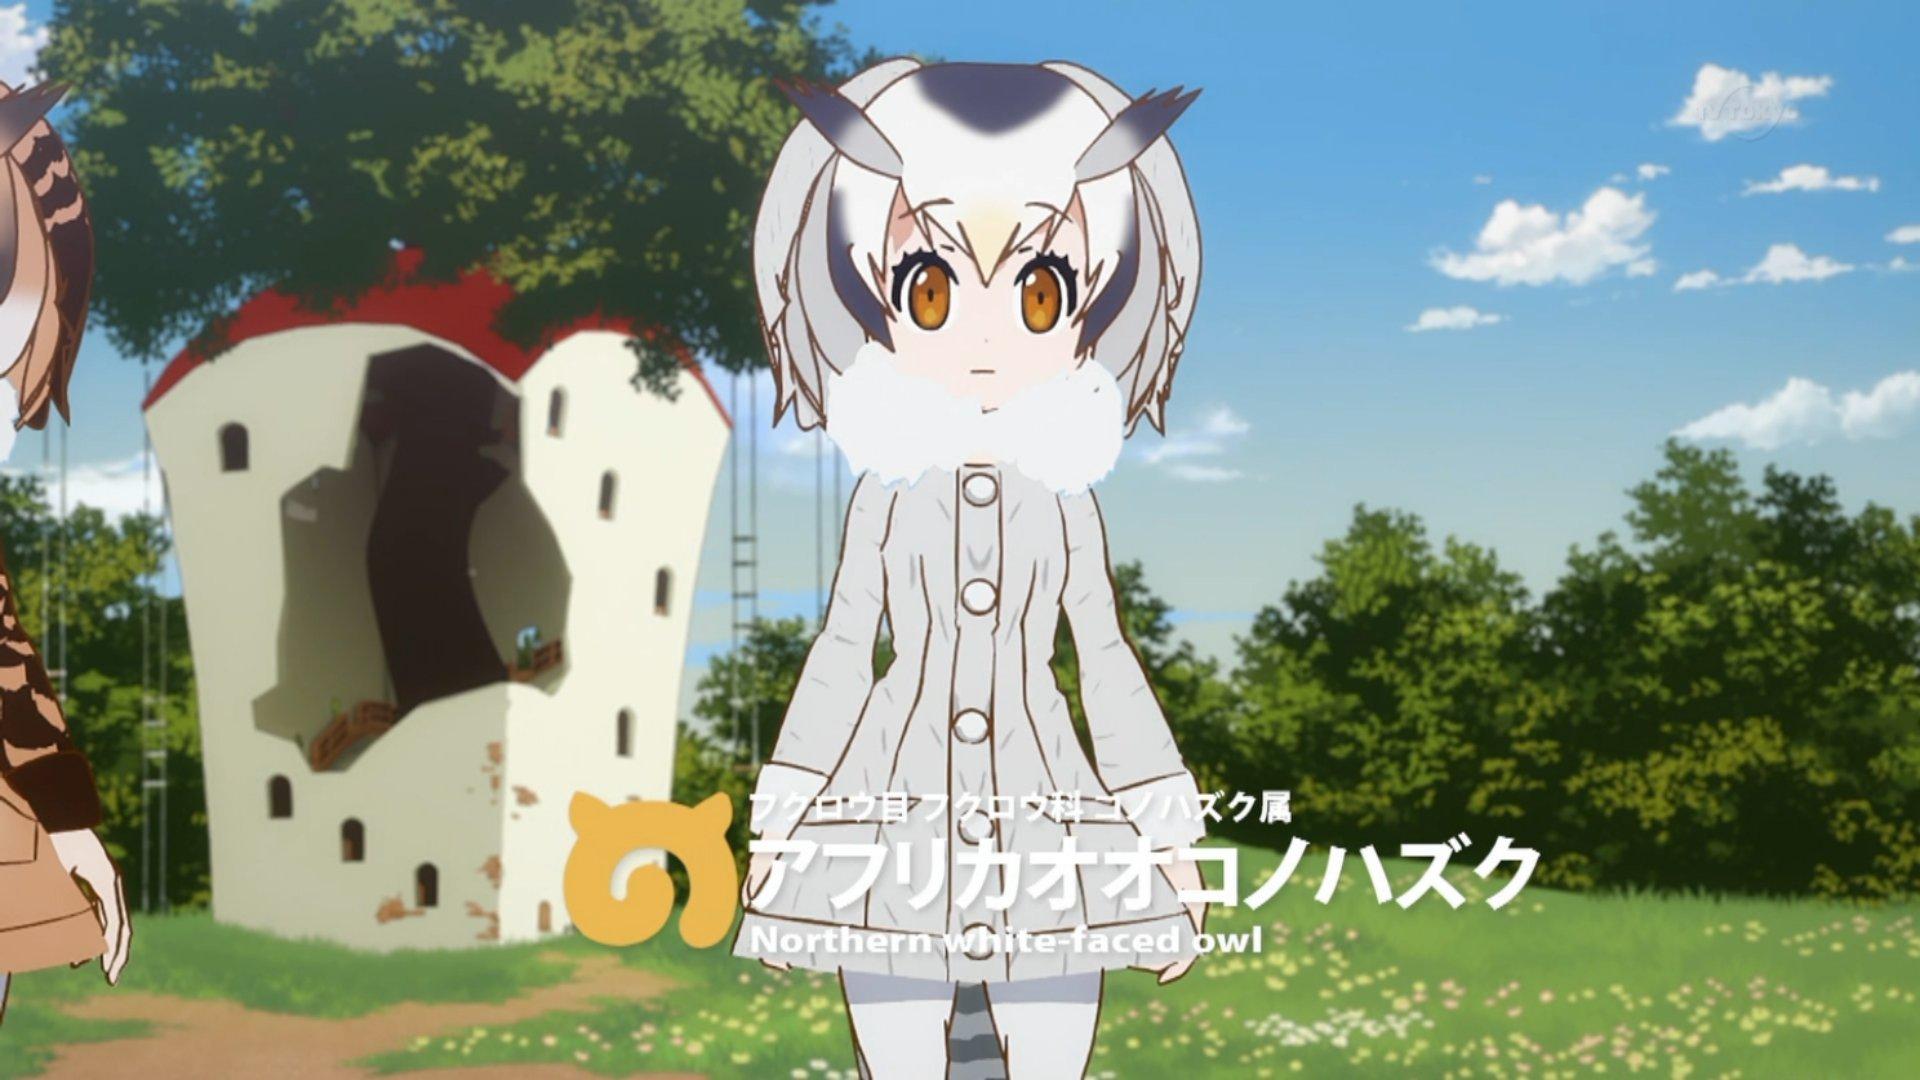 ドーモ、ハカセです #けもフレ #kemo_anime #tvtokyo https://t.co/5D2IpSIWZd